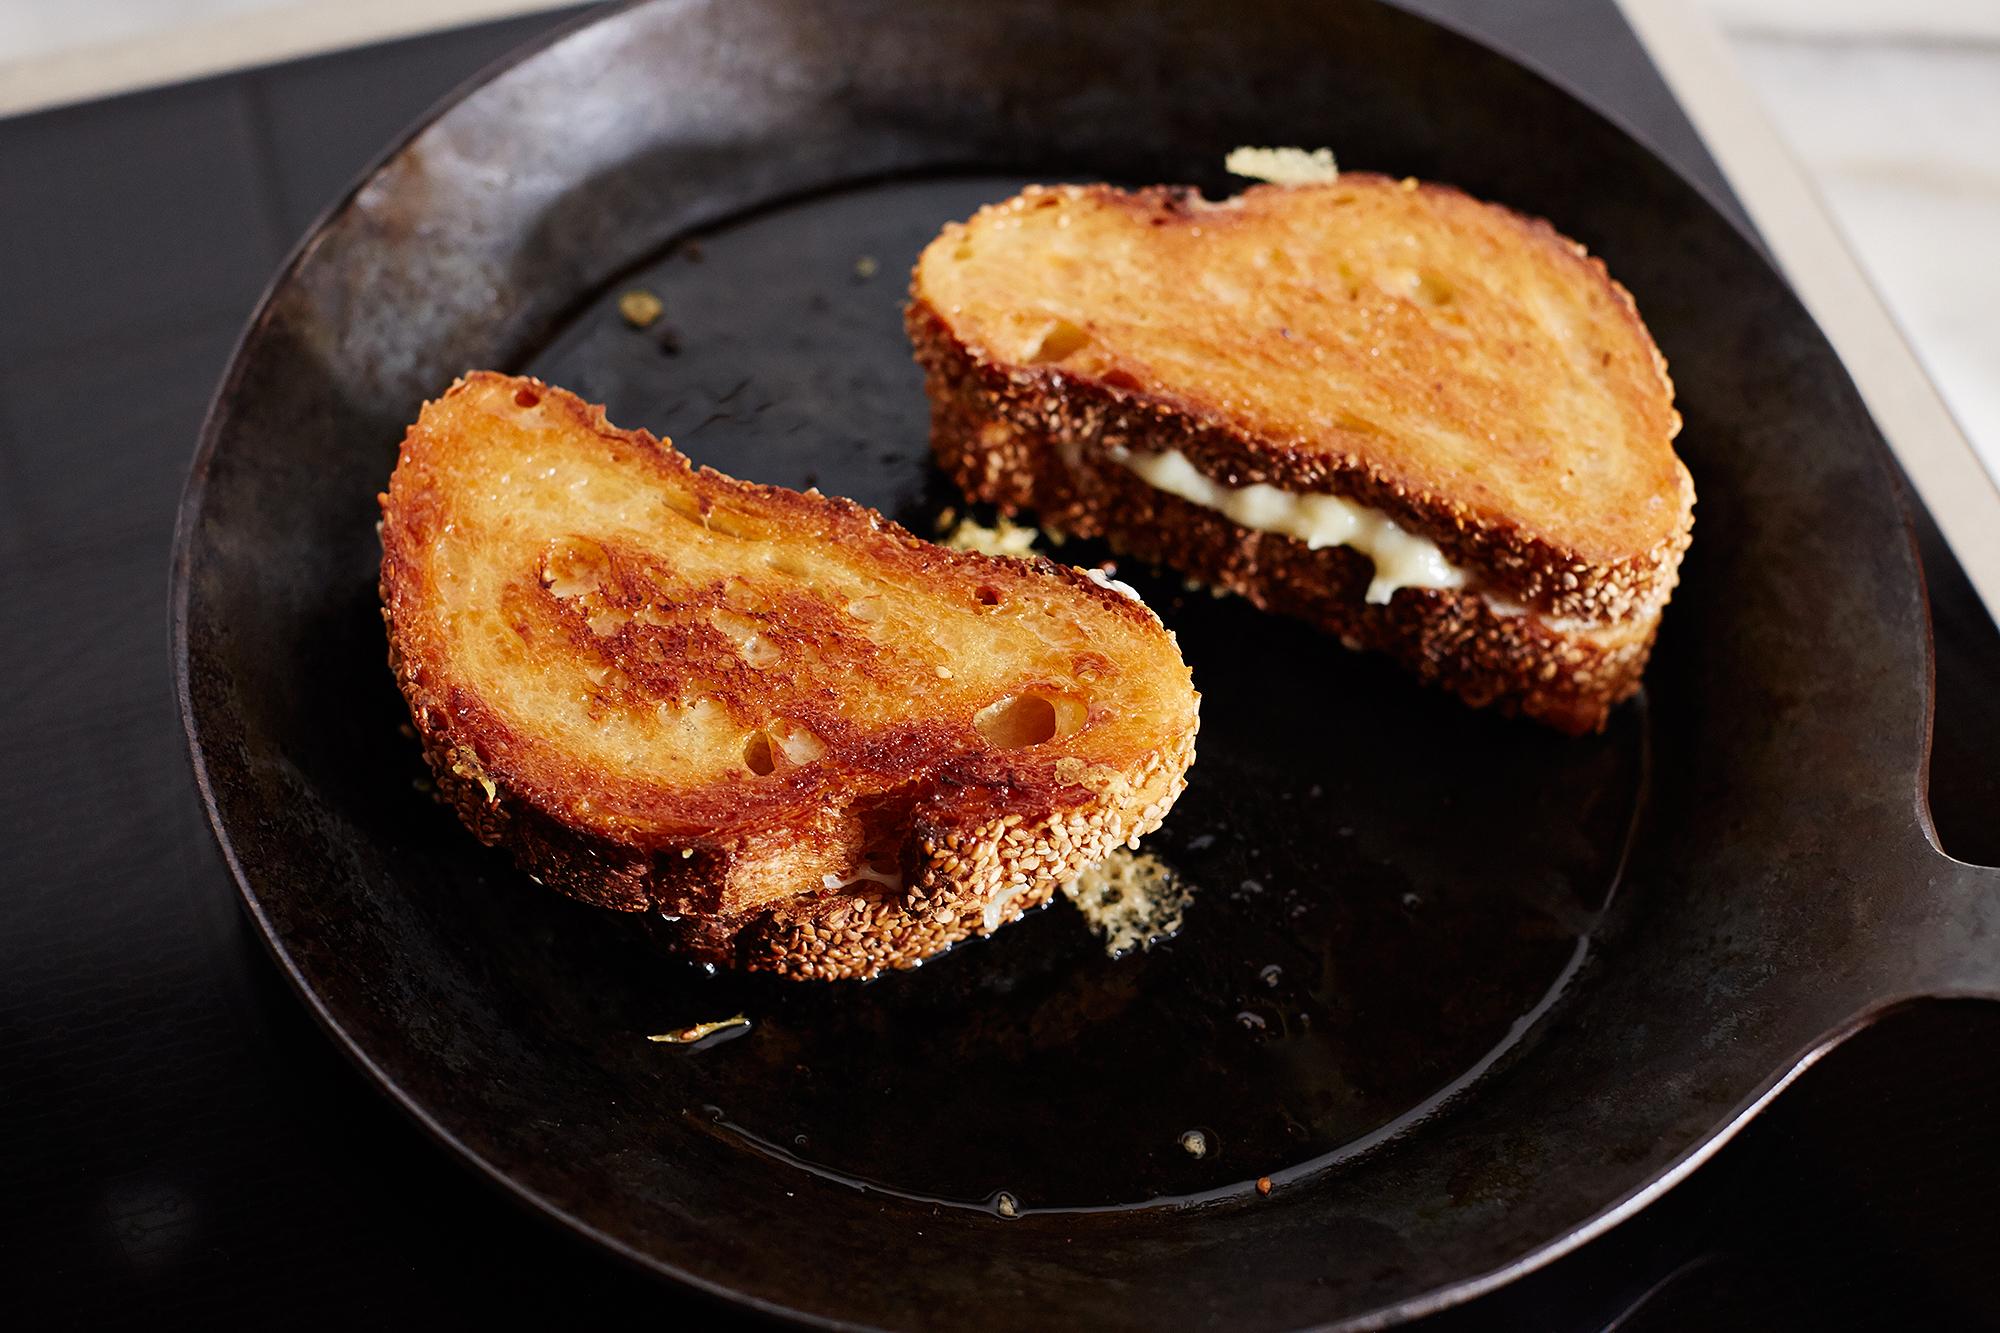 genius-grilled-cheese_food52_mark_weinberg_14-05-13_0488